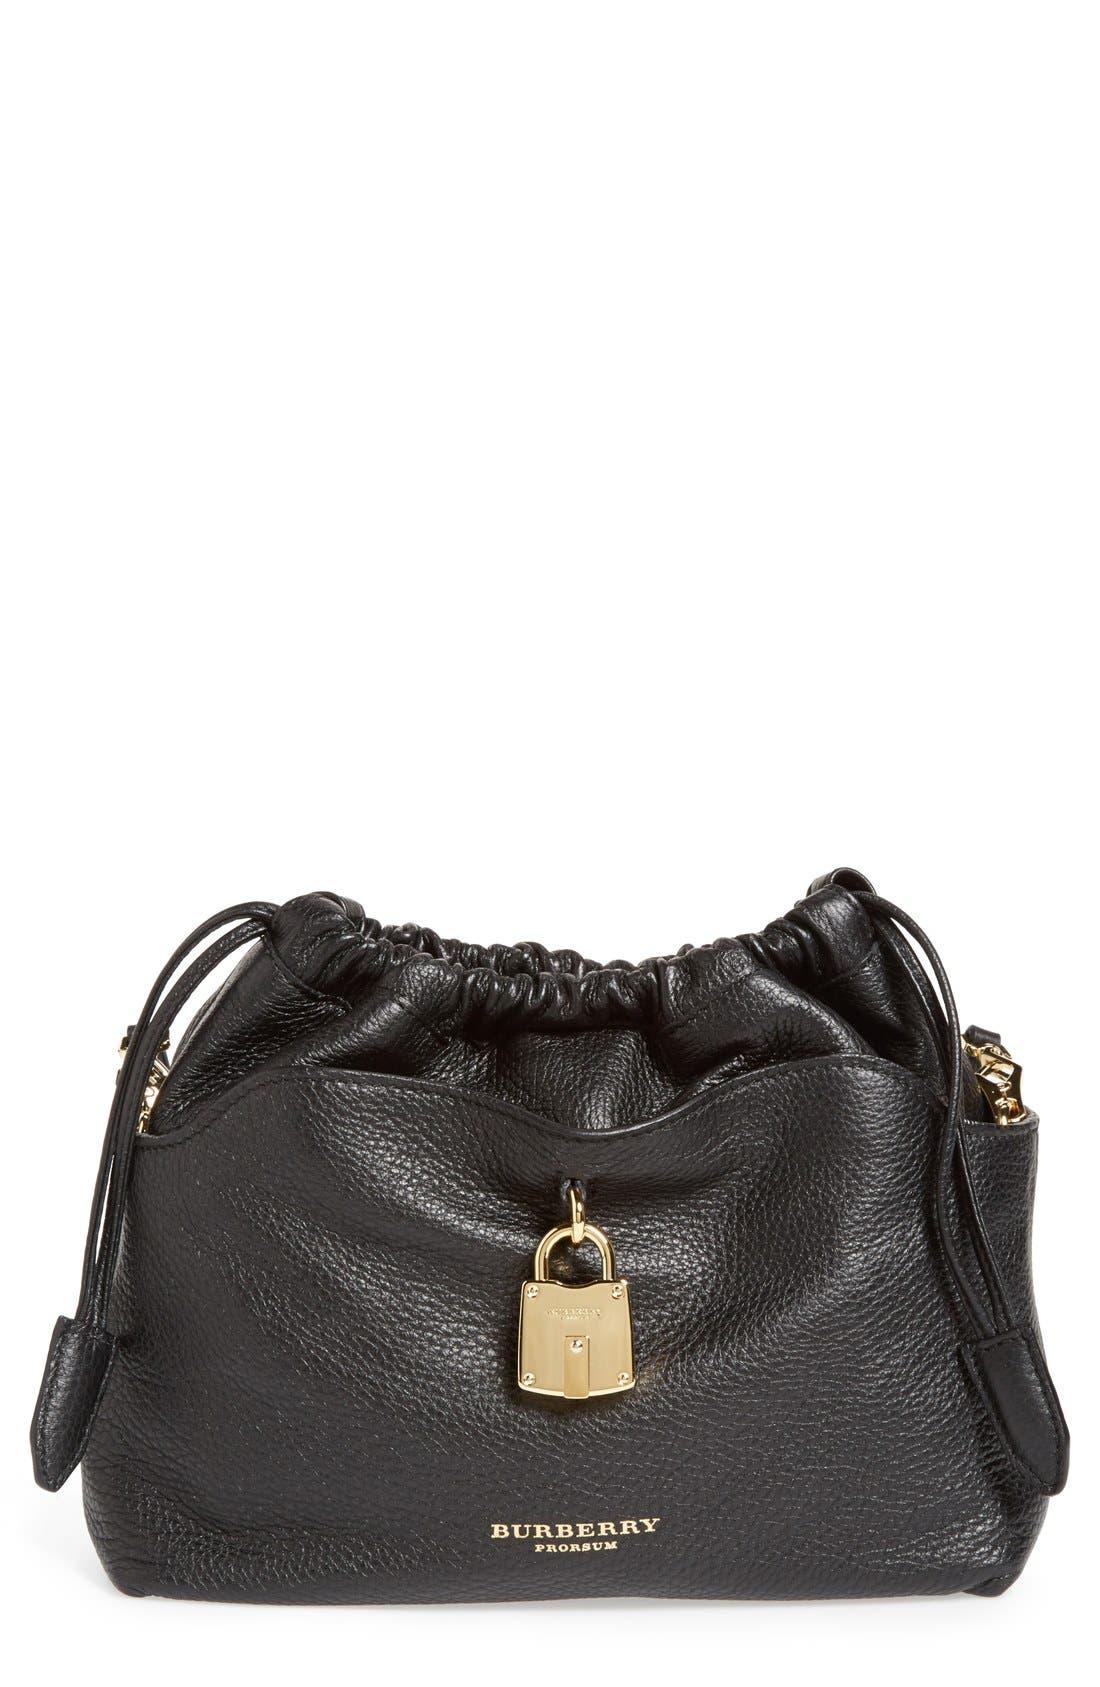 Alternate Image 1 Selected - Burberry 'Little Crush' Crossbody Bag